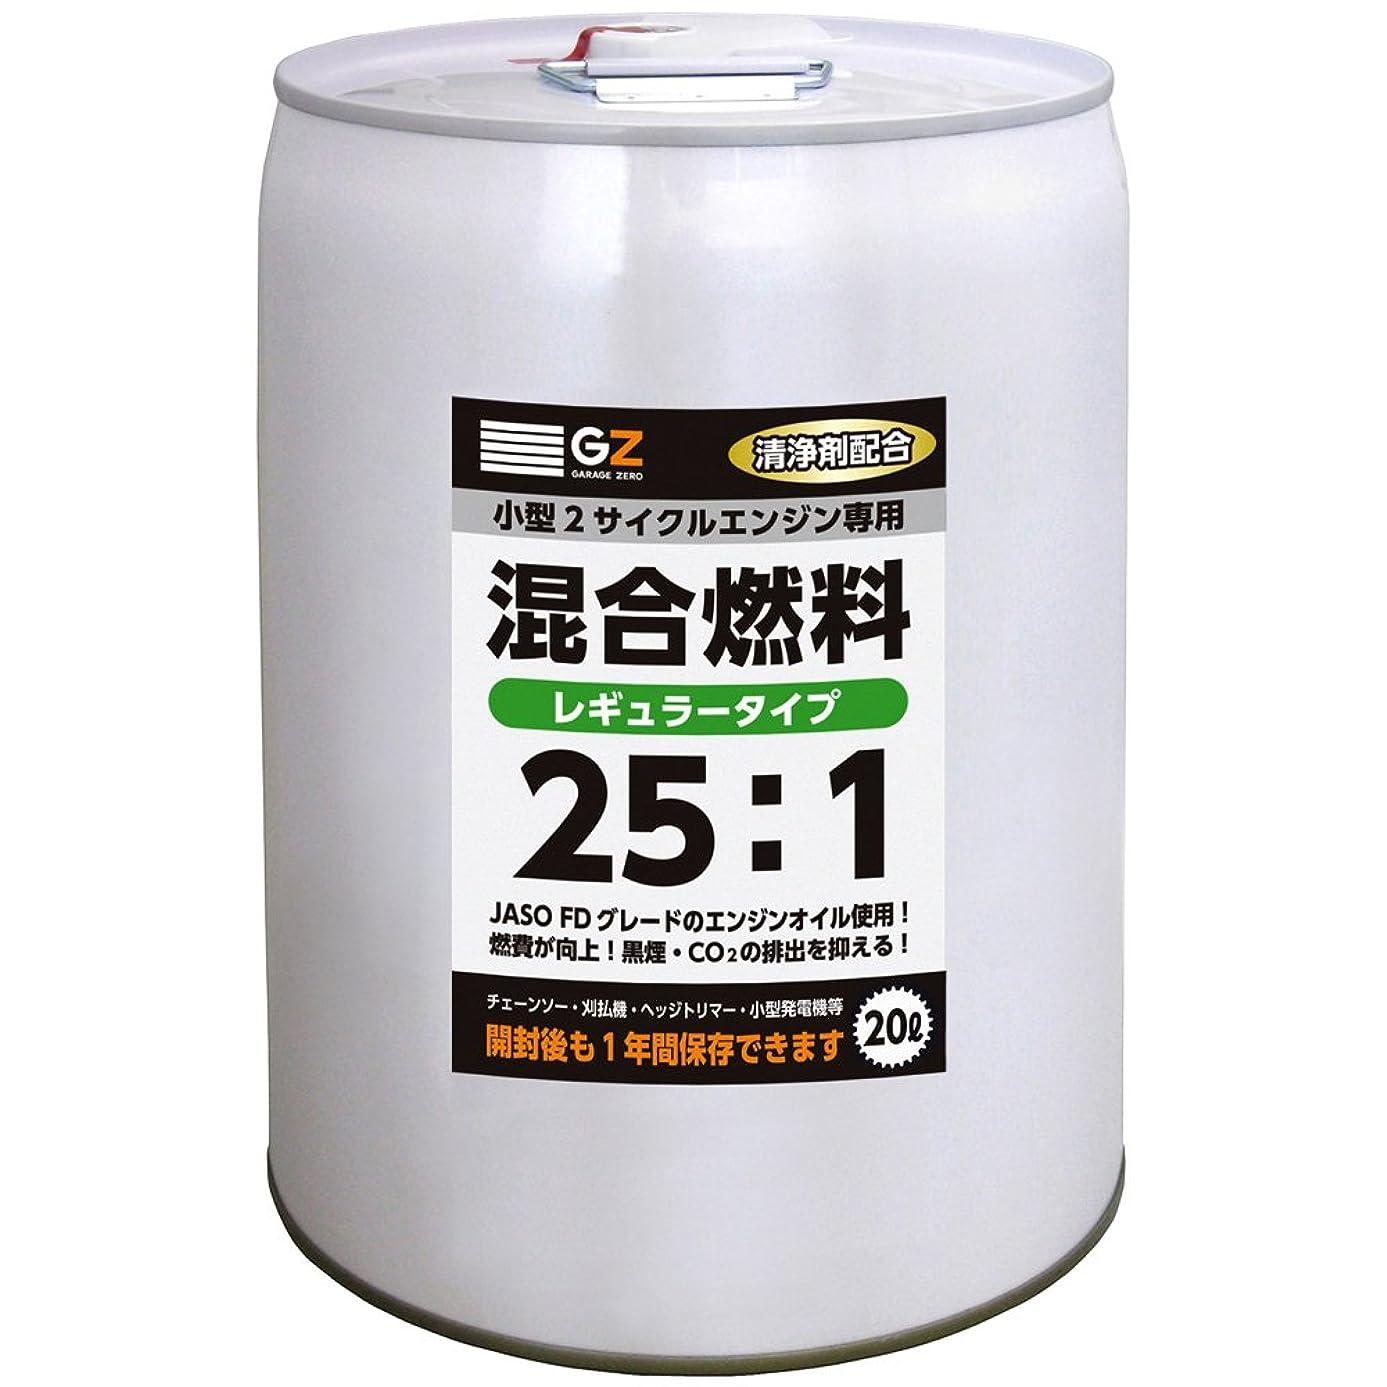 アート多様性封建ガレージゼロ レギュラー 混合ガソリン[25:1] 【混合油?混合燃料】 (20L)